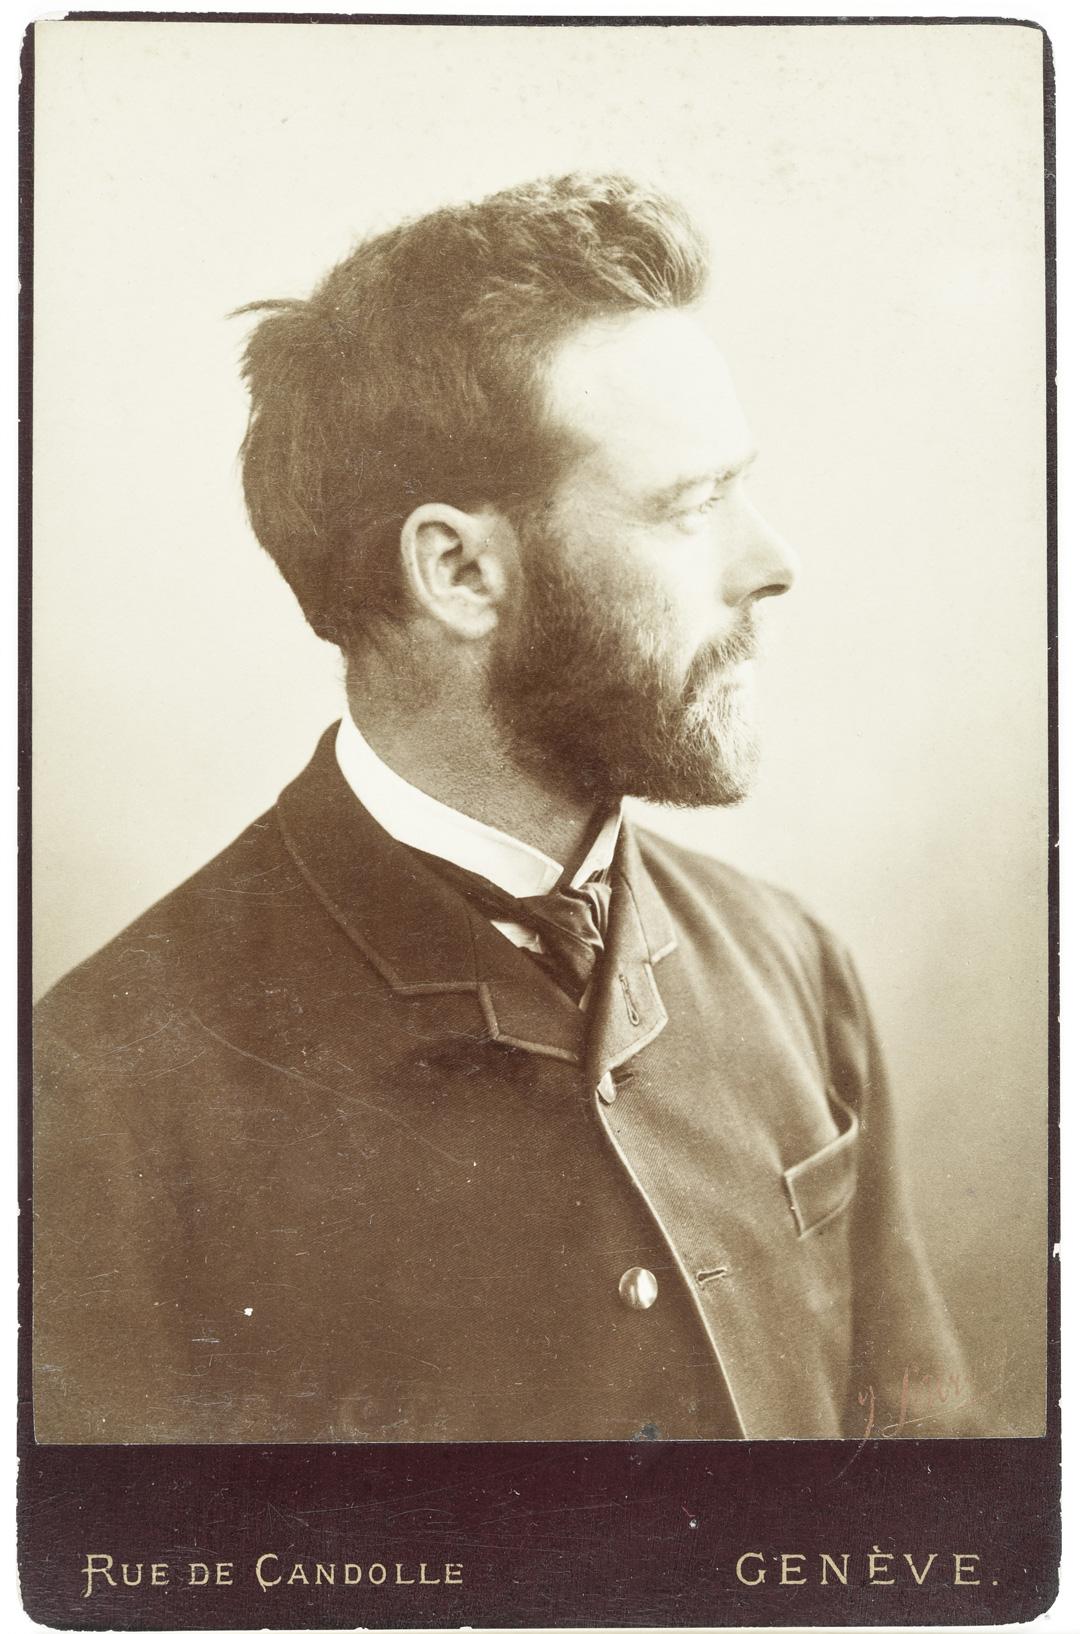 02-loeilsensible-hodler-1880-par-lacroix-archives-jura-brüschweiler